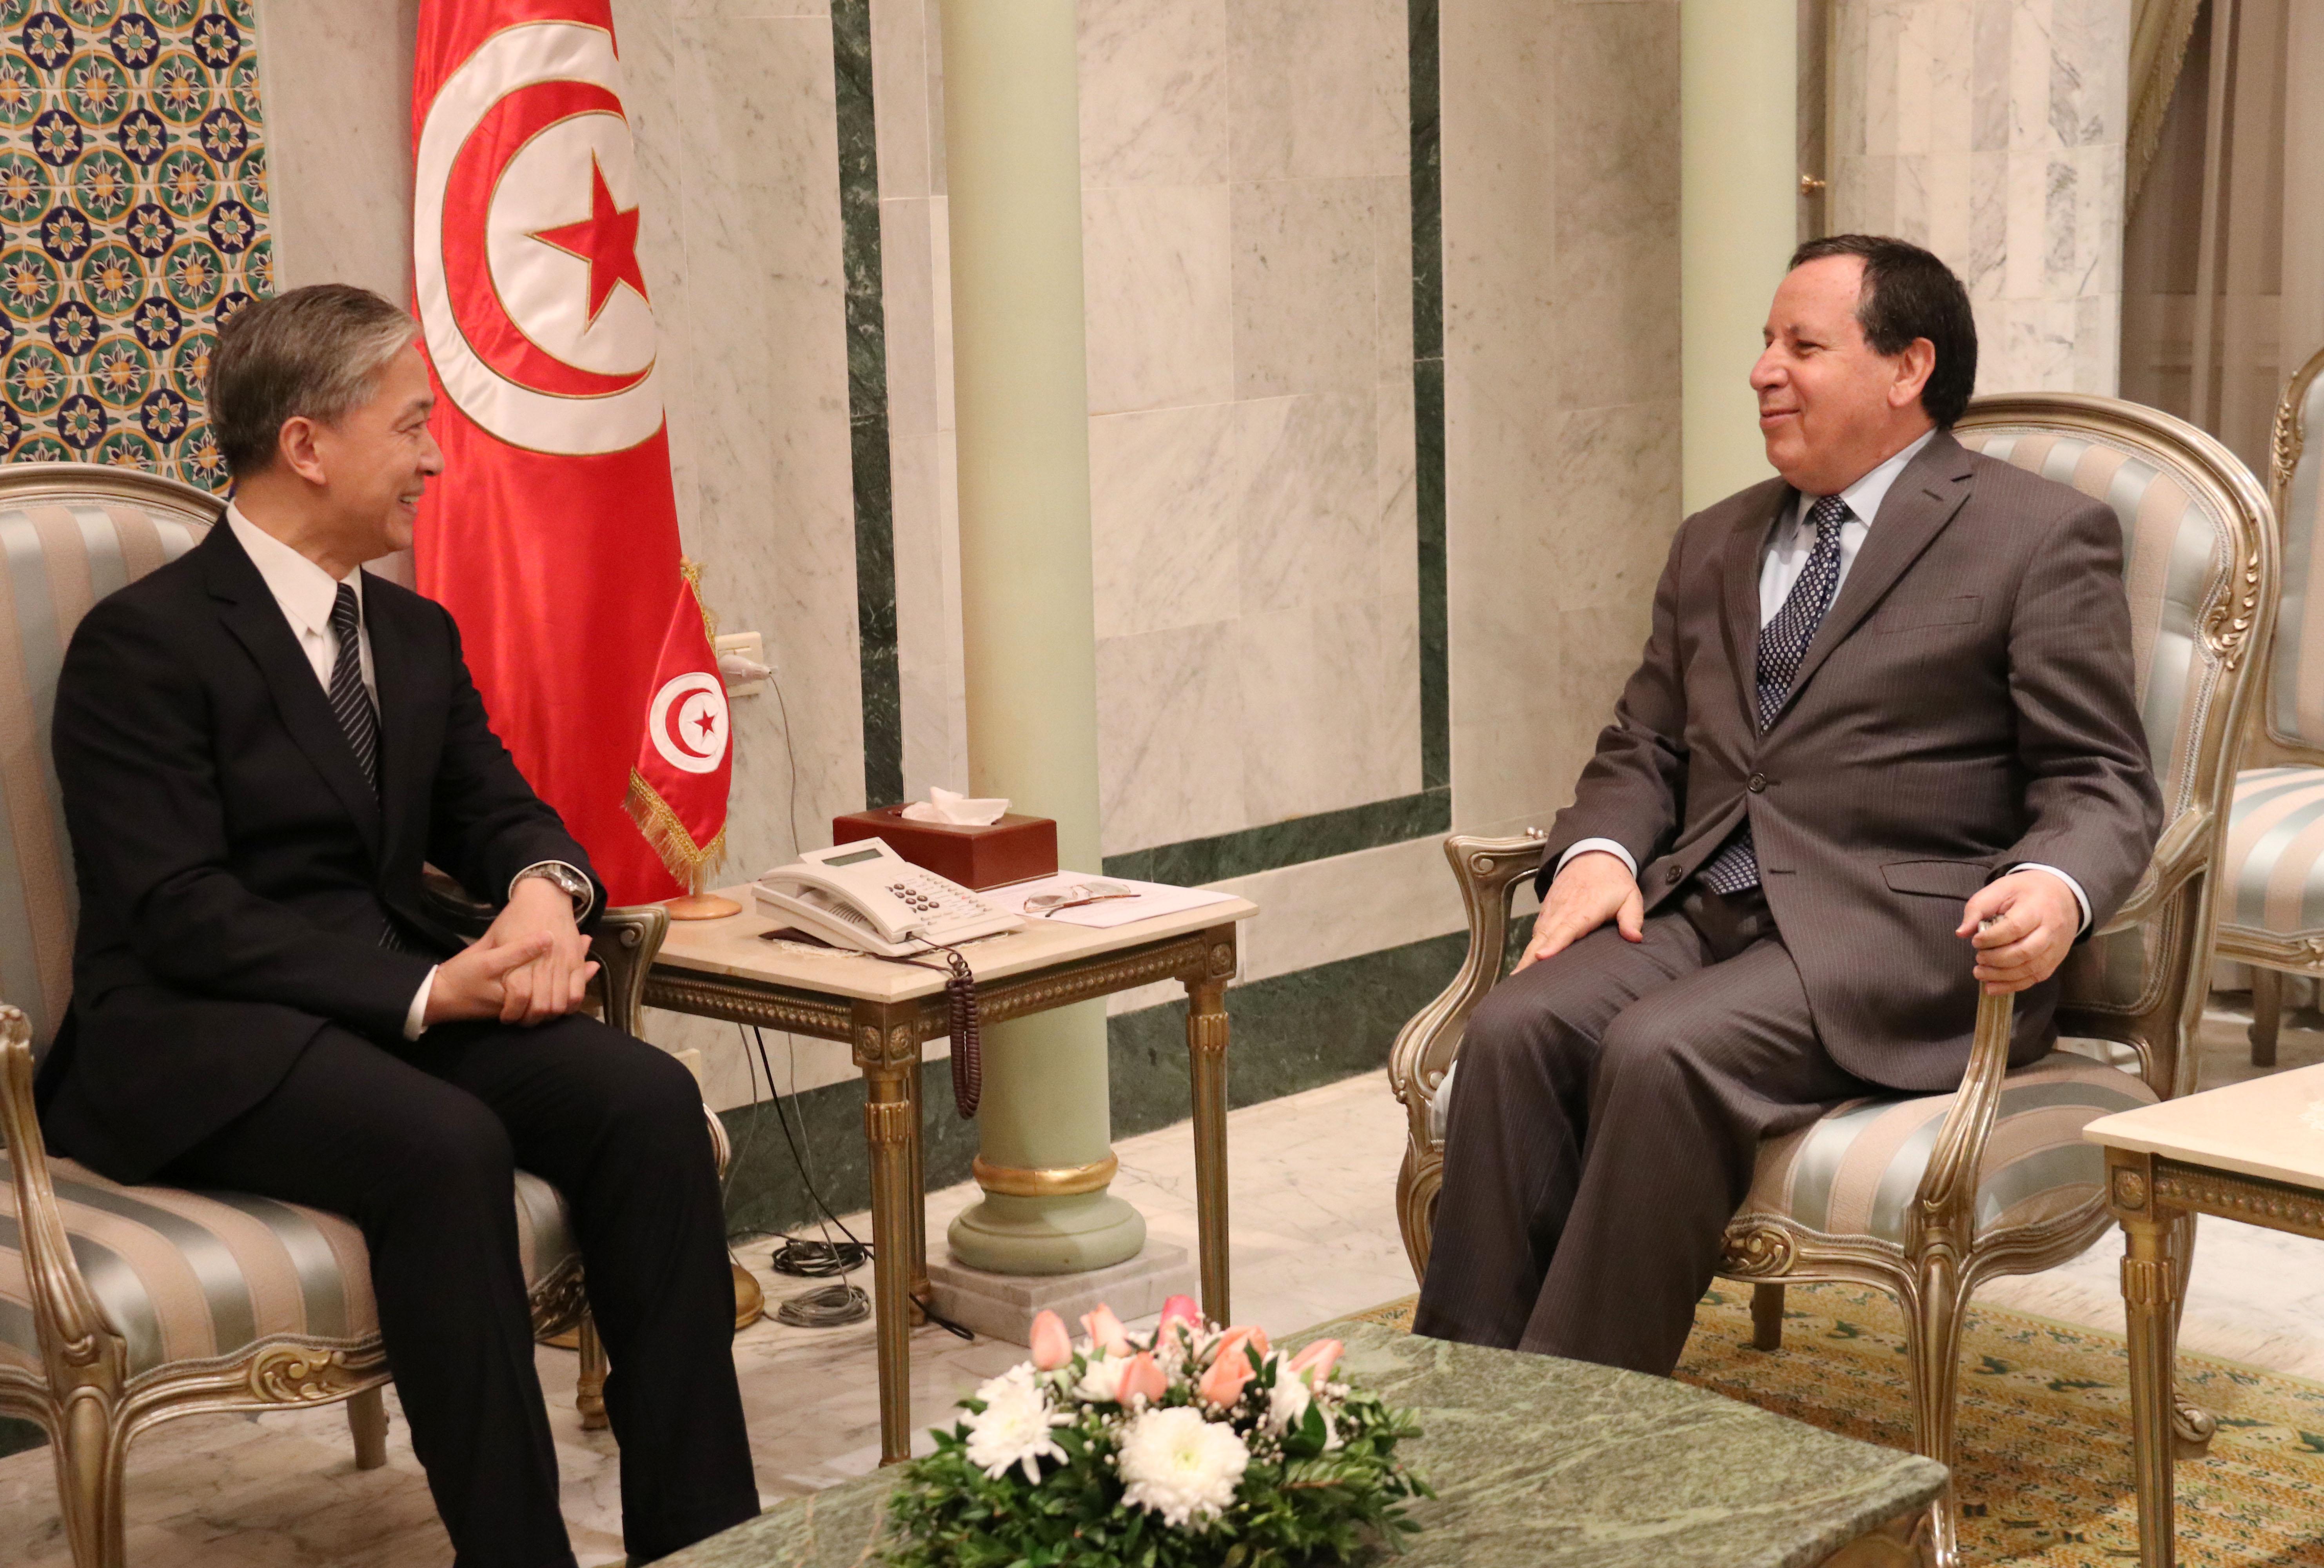 في محادثة بين وزير الخارجية وسفير الصين بتونس: تأكيد عزم البلدين على الارتقاء بالتعاون الثنائي ودفع الاستثمارات الصينية: